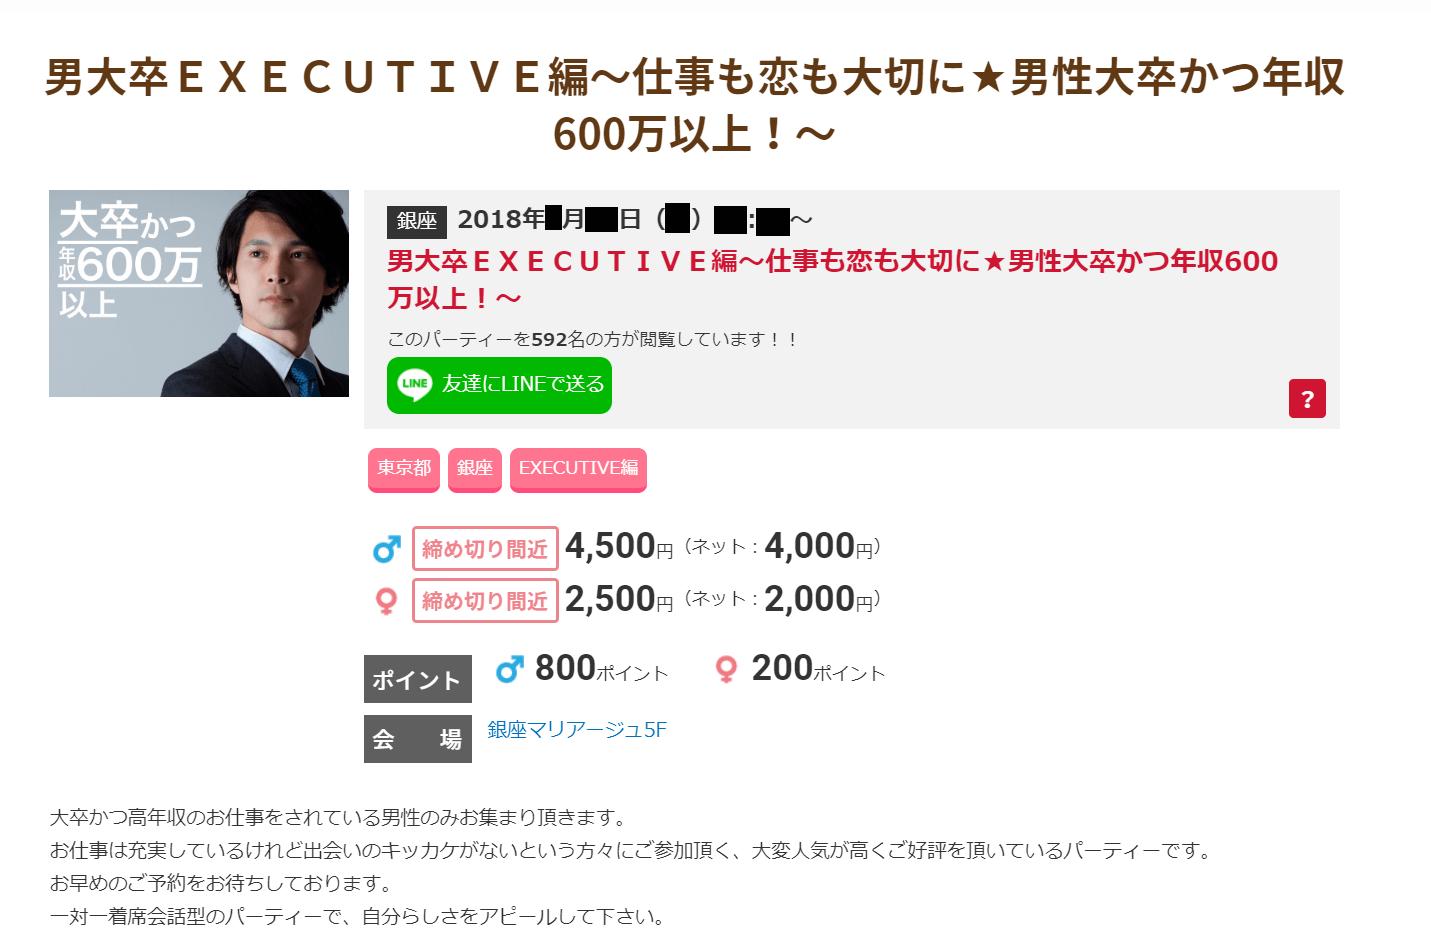 エクシオ:男大卒EXECUTIVE編~仕事も恋も大切に★男性大卒かつ年収600万以上!~